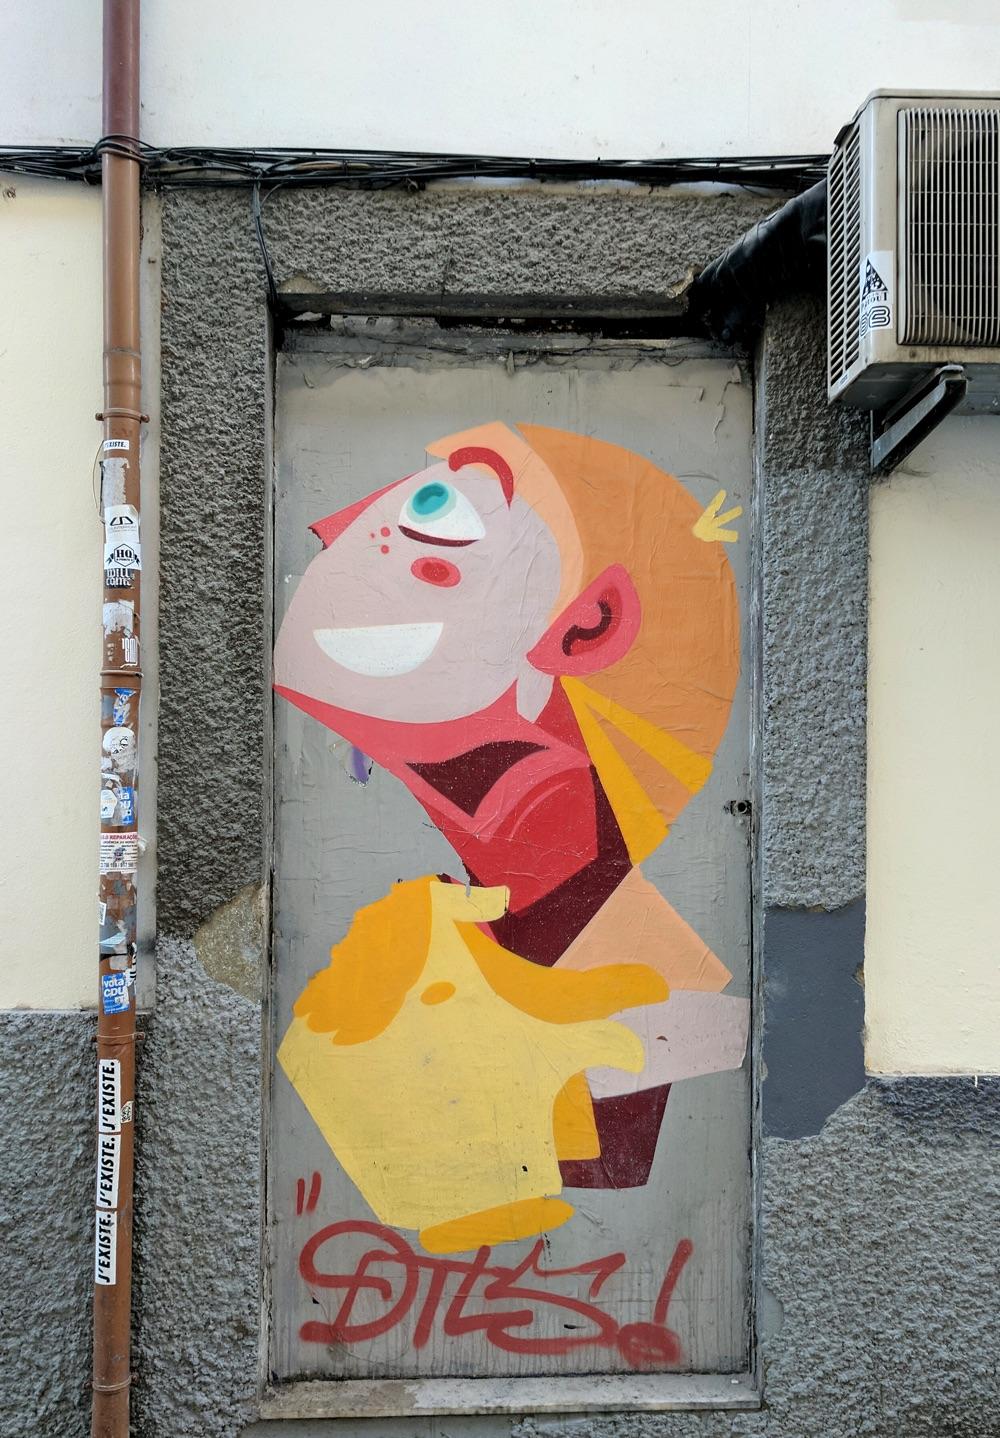 mural@2x